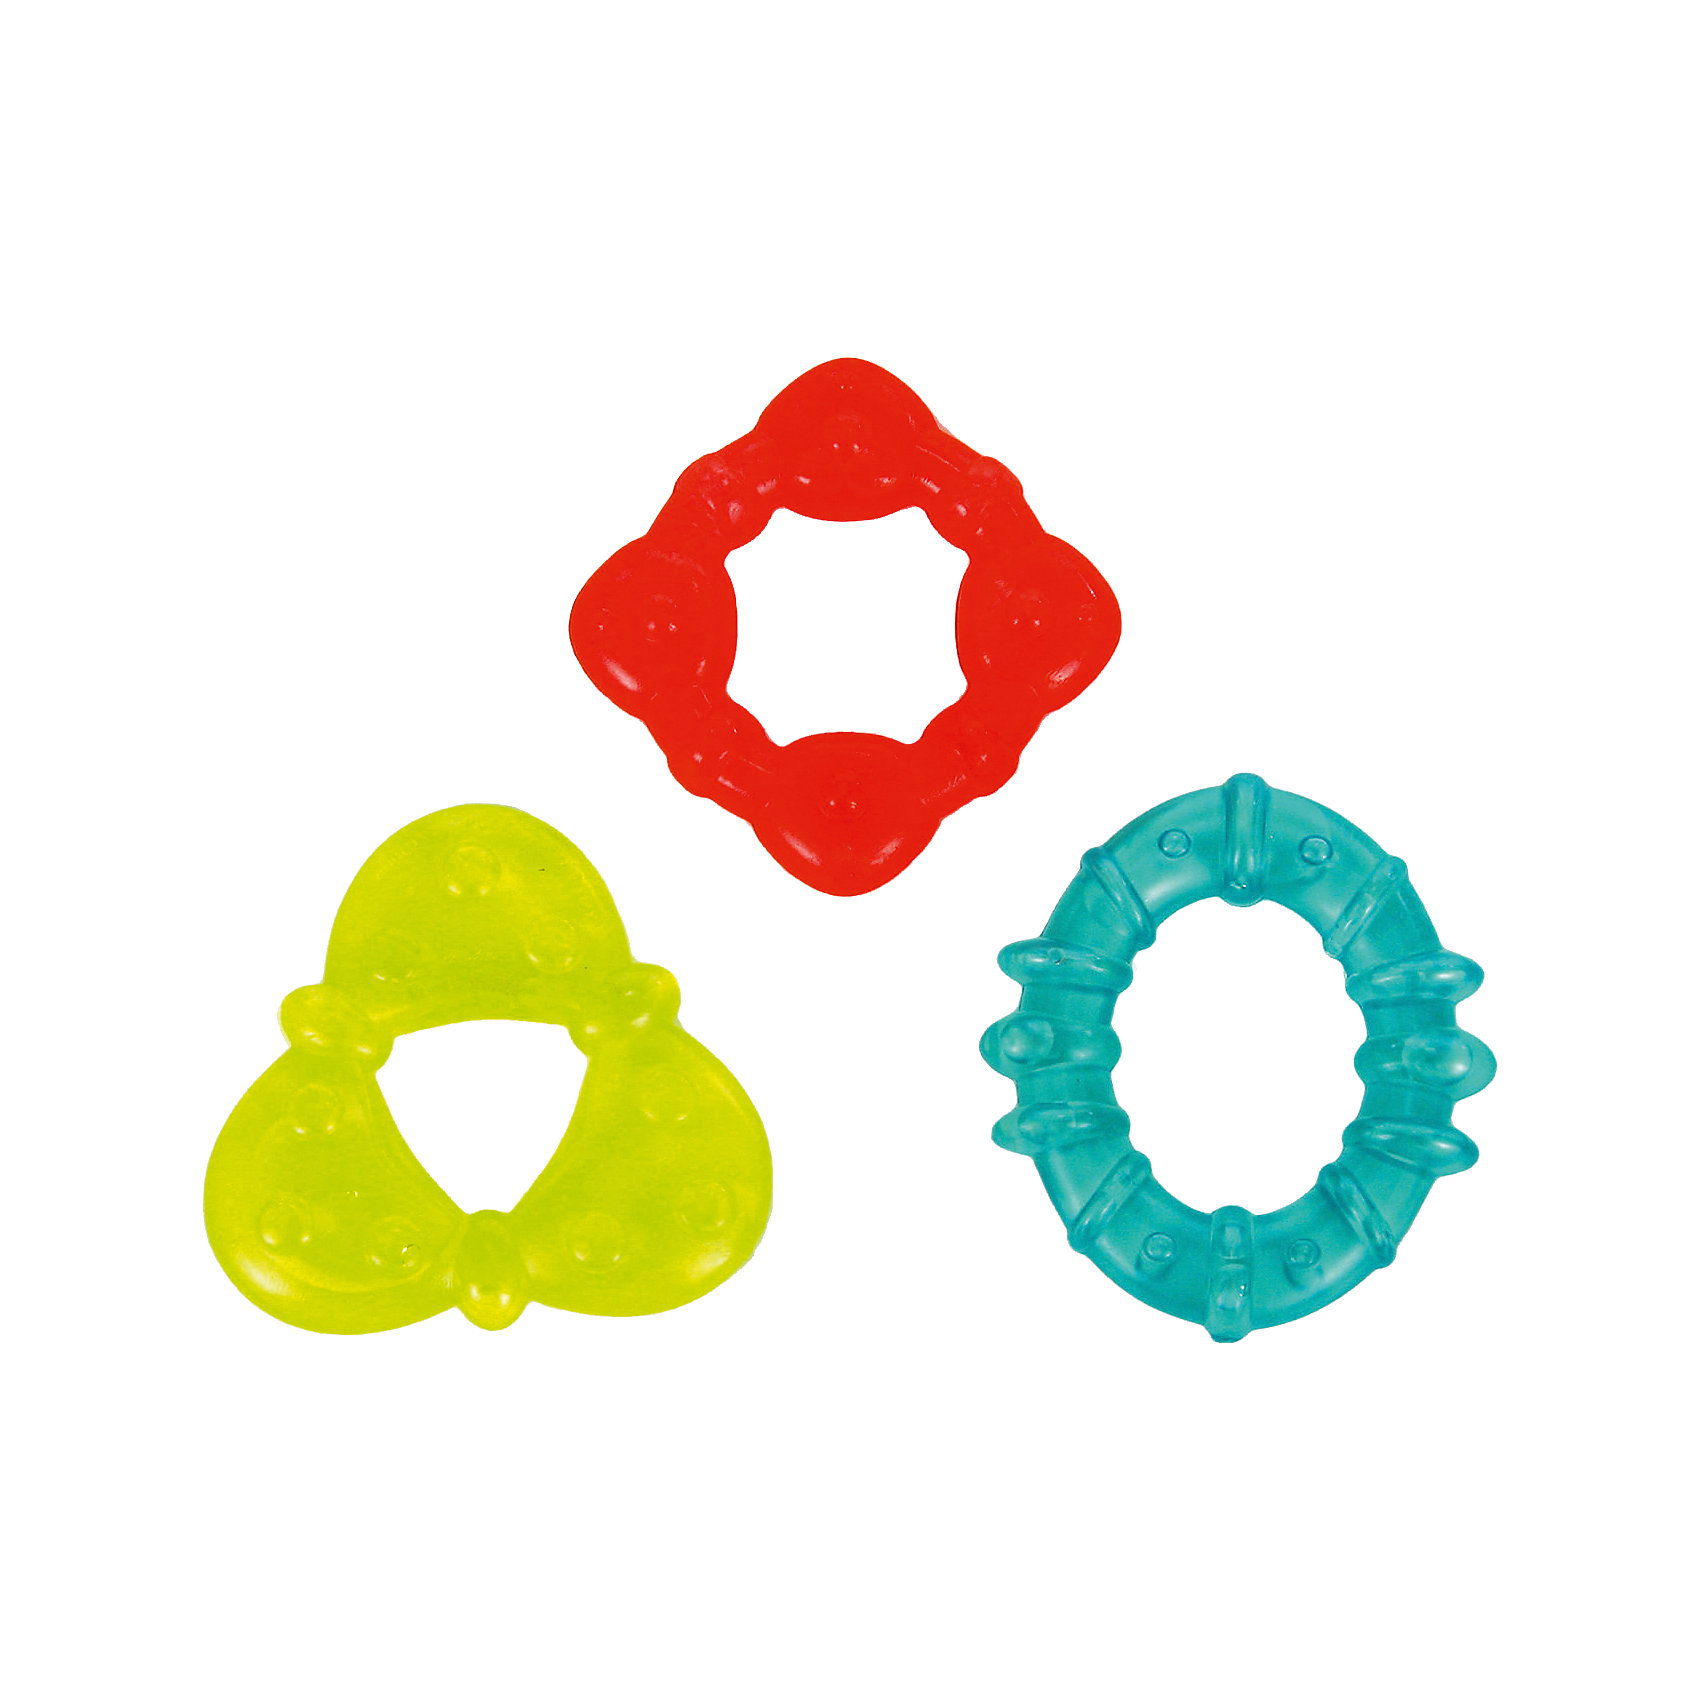 Набор прорезывателей Холодок Bright StartsМягкие прорезыватели помогут успокоиться ребёнку, когда у него появляются зубки!<br><br>ОСОБЕННОСТИ<br>Мягкие прорезыватели для зубок наполненные водой<br>Яркие цвета и разные текстуры<br>Форма, которую легко хватать маленькими ручками<br><br>Дополнительные характеристики<br>  в наборе 3 шт.<br>  размеры товара: 7,5 * 4 * 7,5 см<br>  размеры коробки: 14 * 4 * 19 см<br><br>Набор прорезывателей Холодок Bright Starts (Брайт Стартс) можно купить в нашем интернет-магазине.<br><br>Ширина мм: 193<br>Глубина мм: 144<br>Высота мм: 22<br>Вес г: 102<br>Возраст от месяцев: 3<br>Возраст до месяцев: 12<br>Пол: Унисекс<br>Возраст: Детский<br>SKU: 2225520